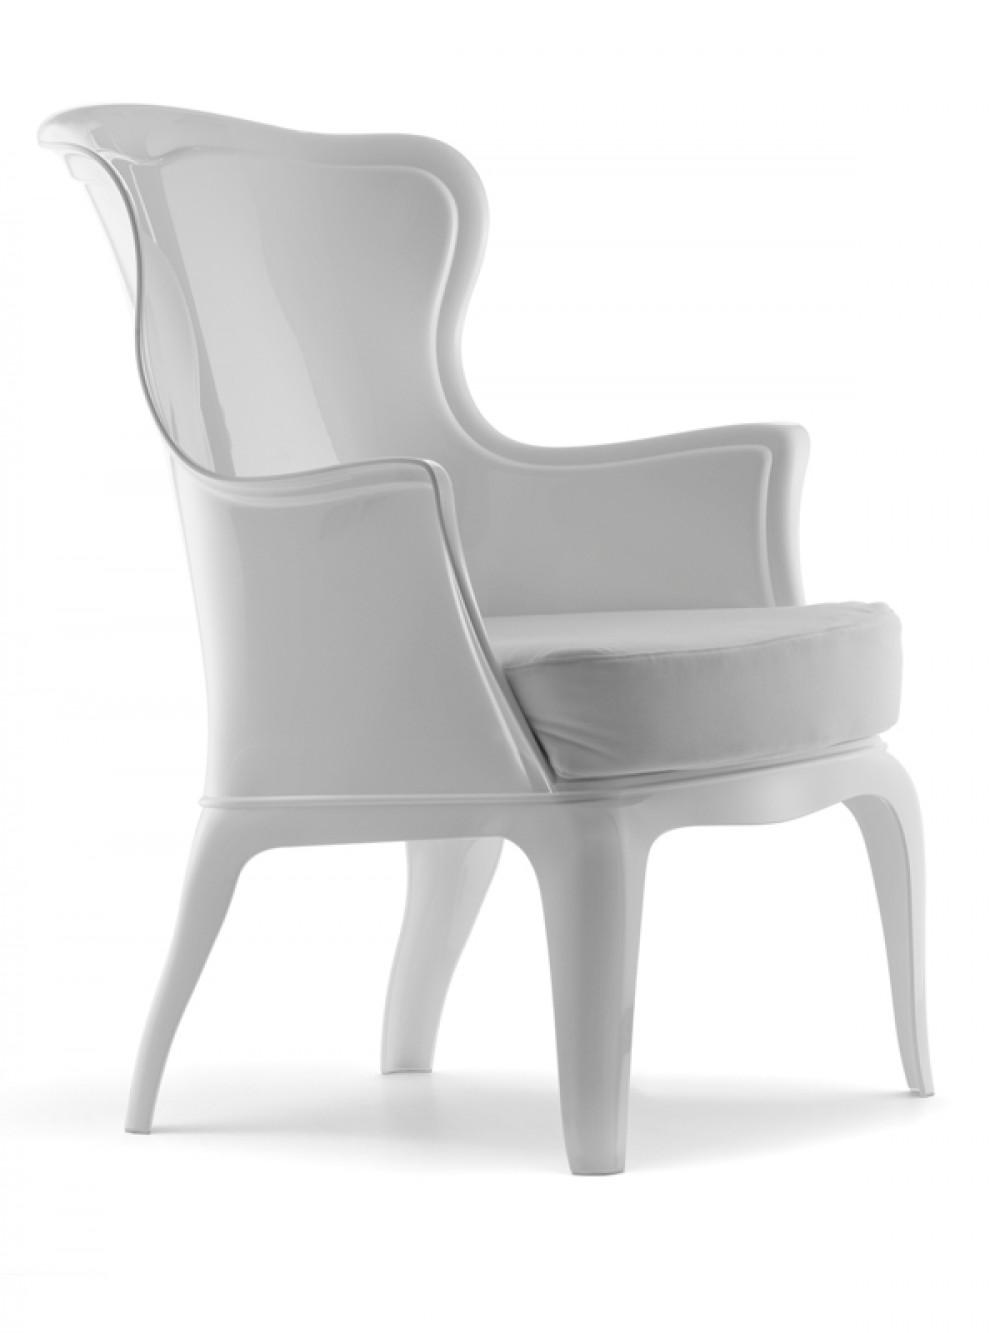 Sessel im modern barockstil italienisches design farbe wei for Kuchenstuhle italienisches design